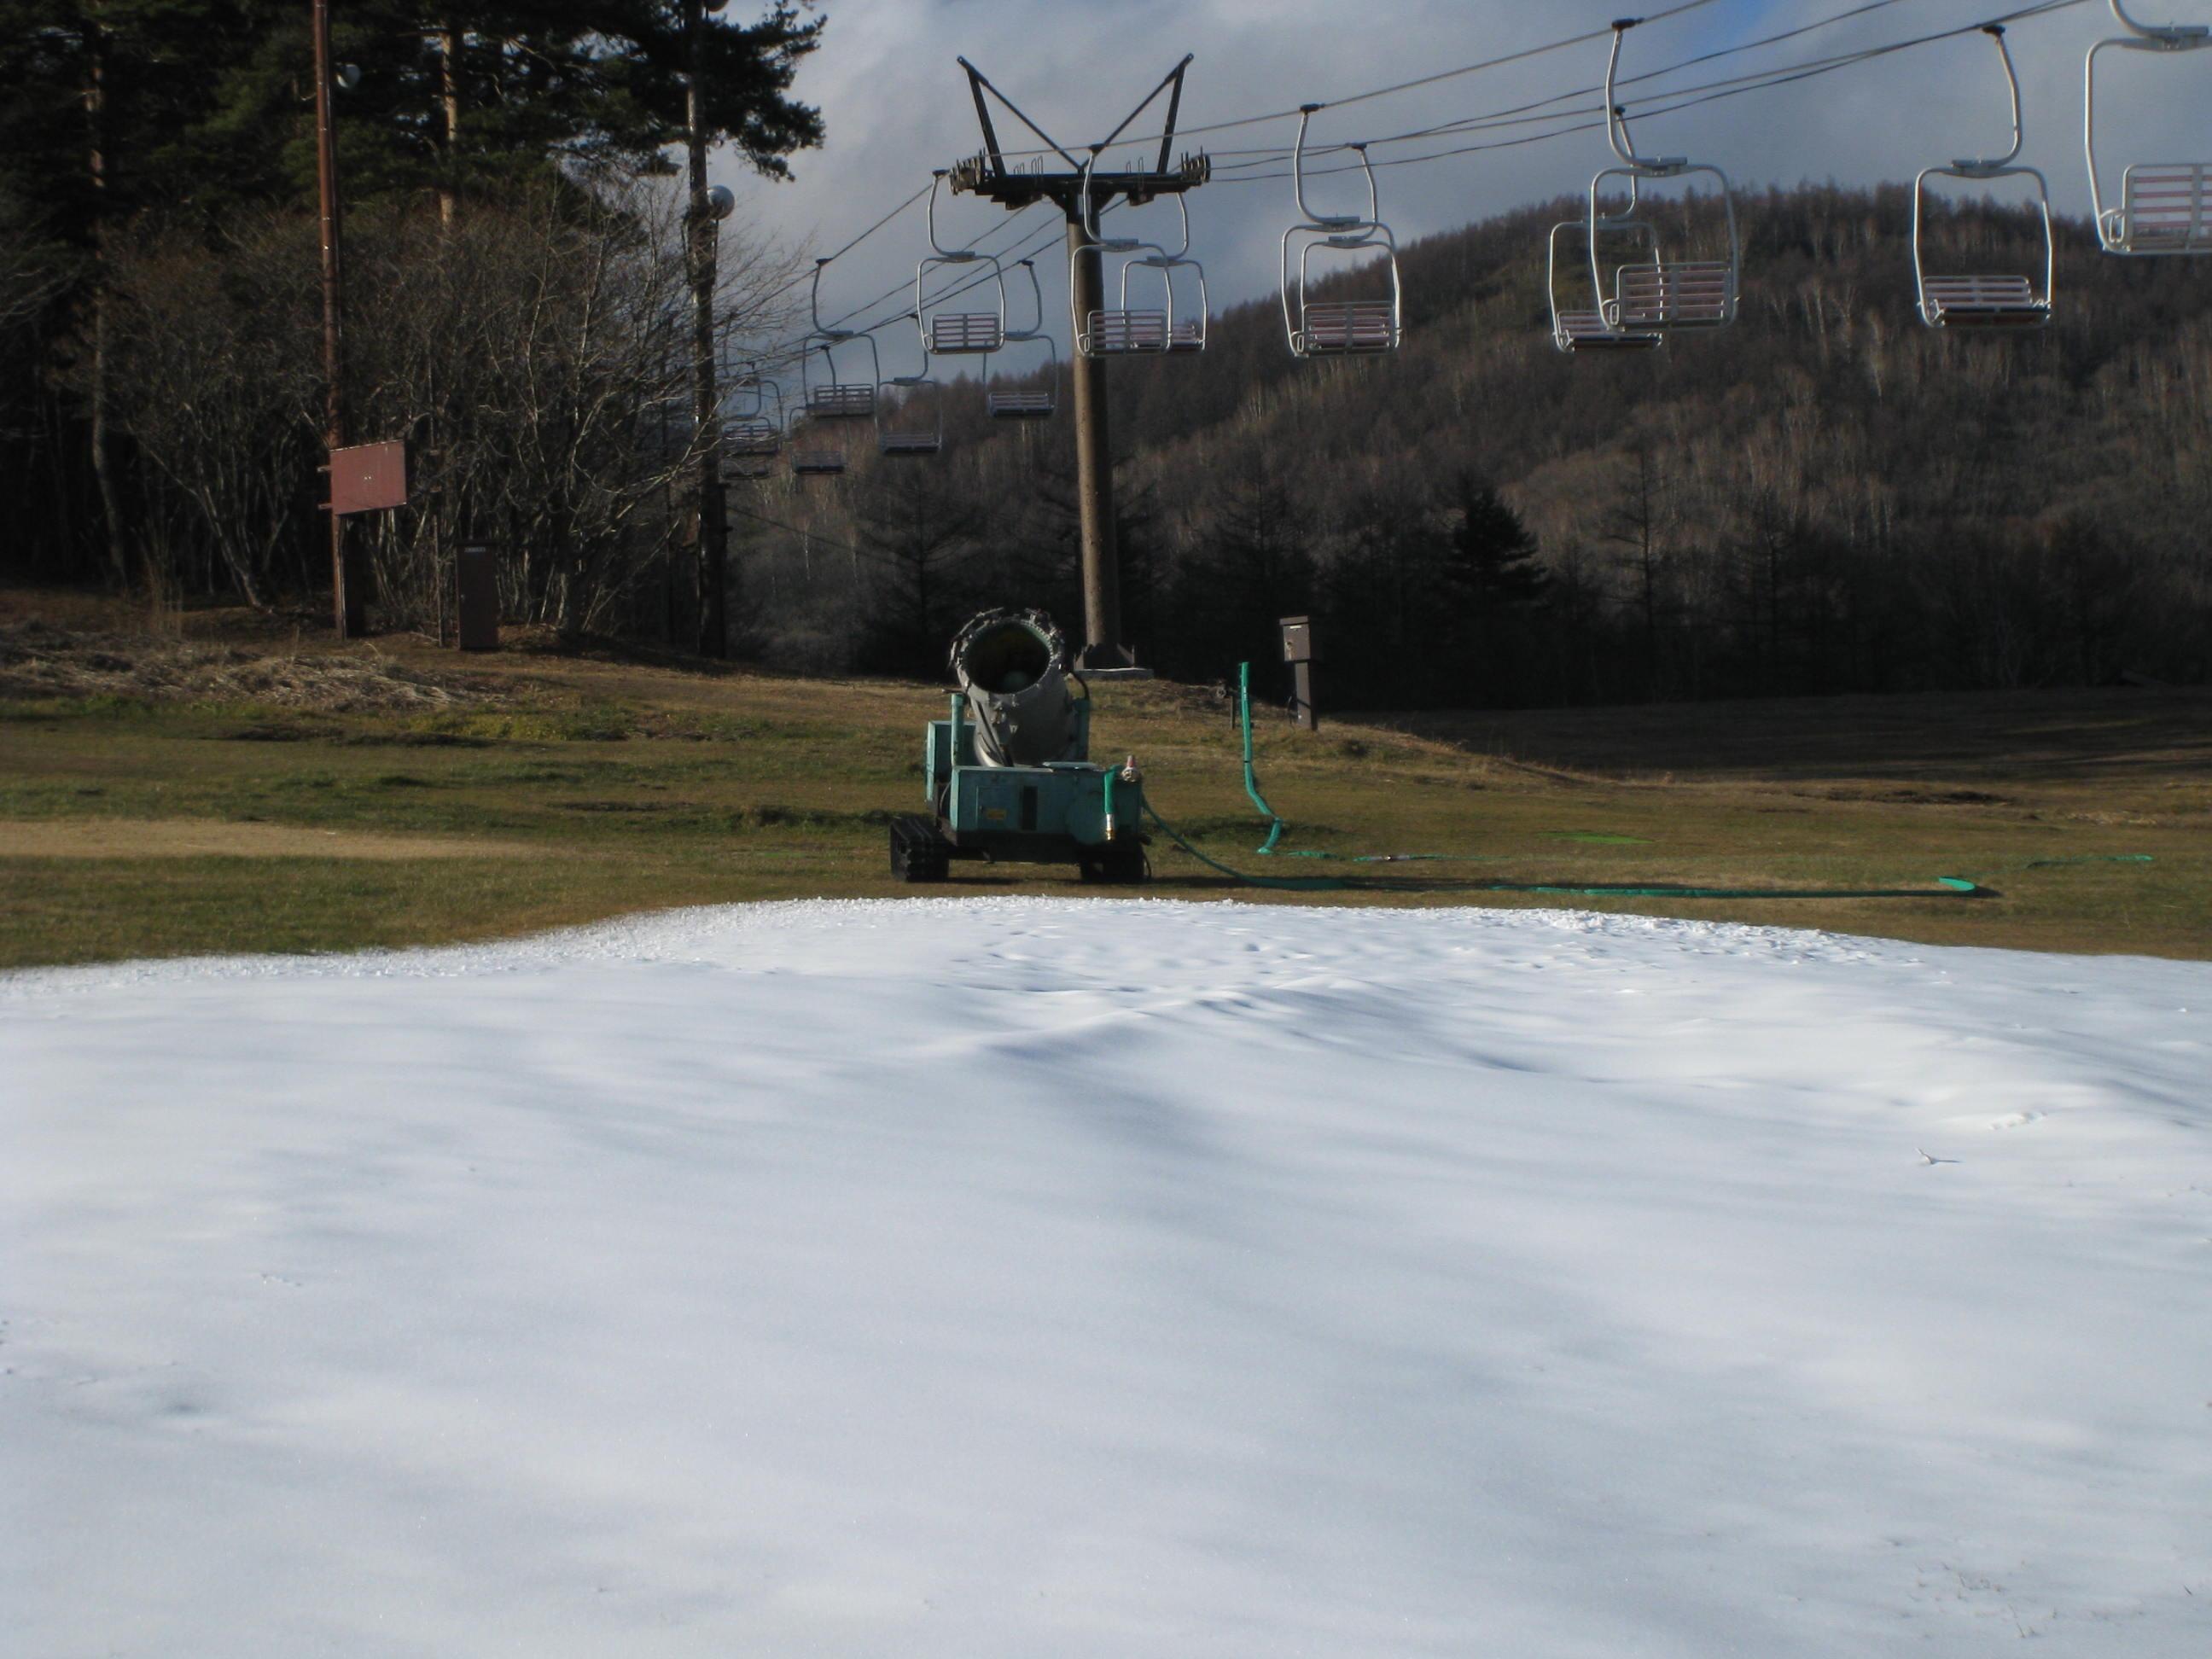 今日の草津国際スキー場_a0057828_18443769.jpg